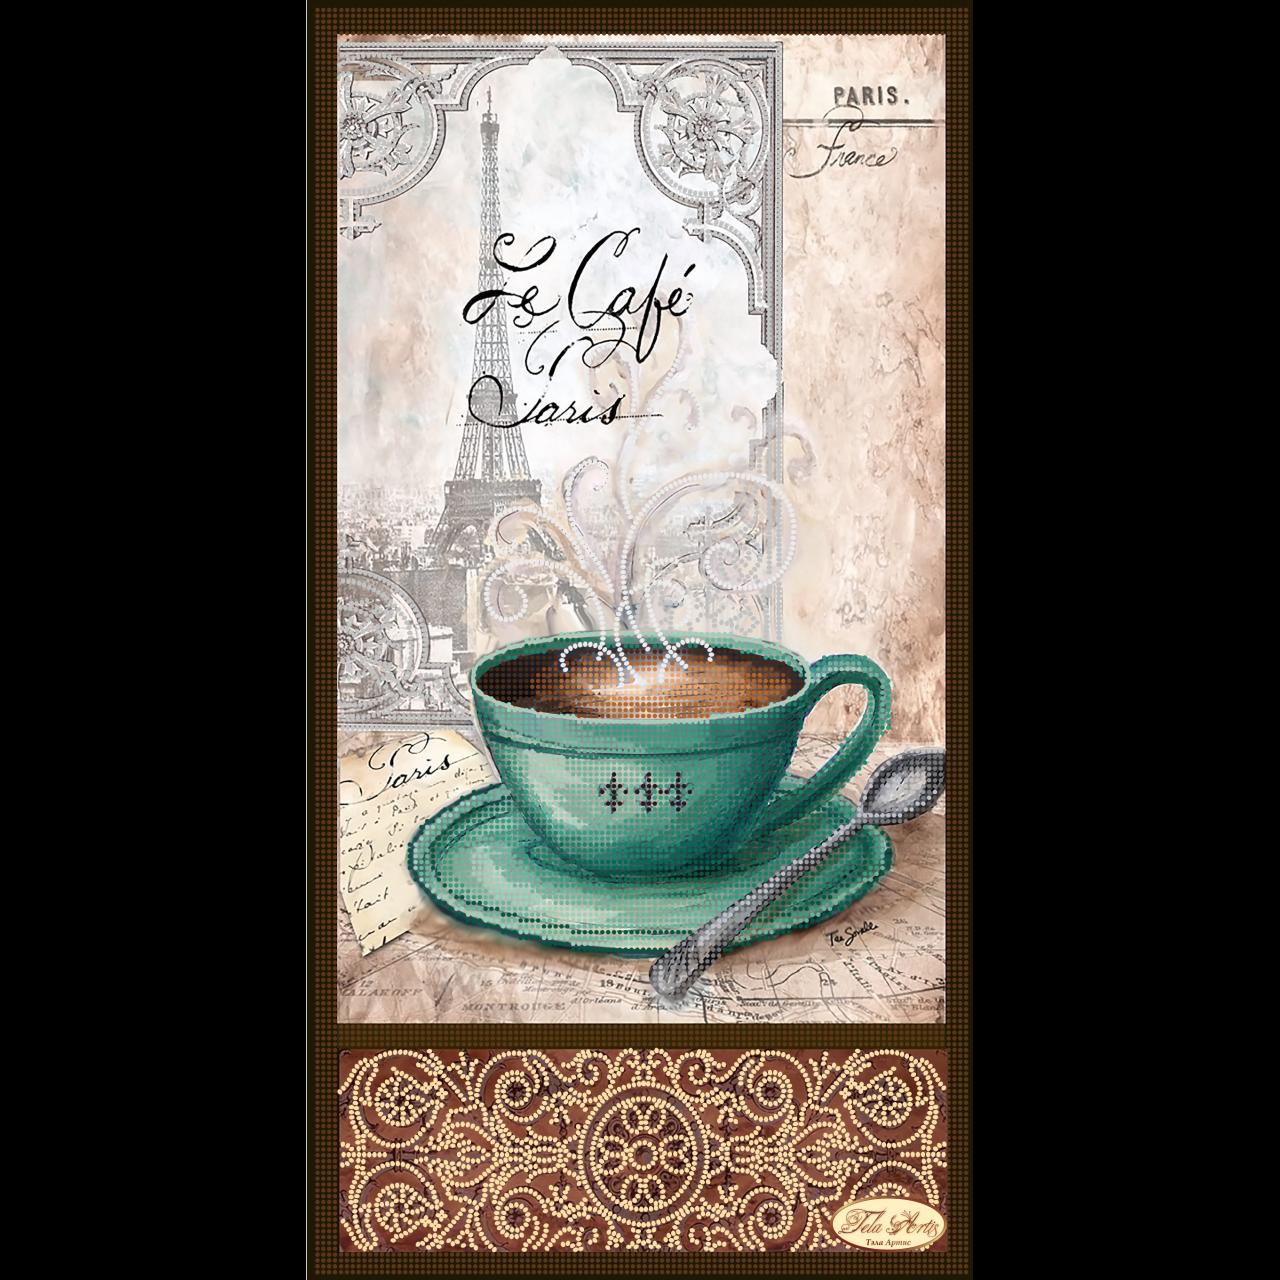 Вышивка бисером кофе в париже 29